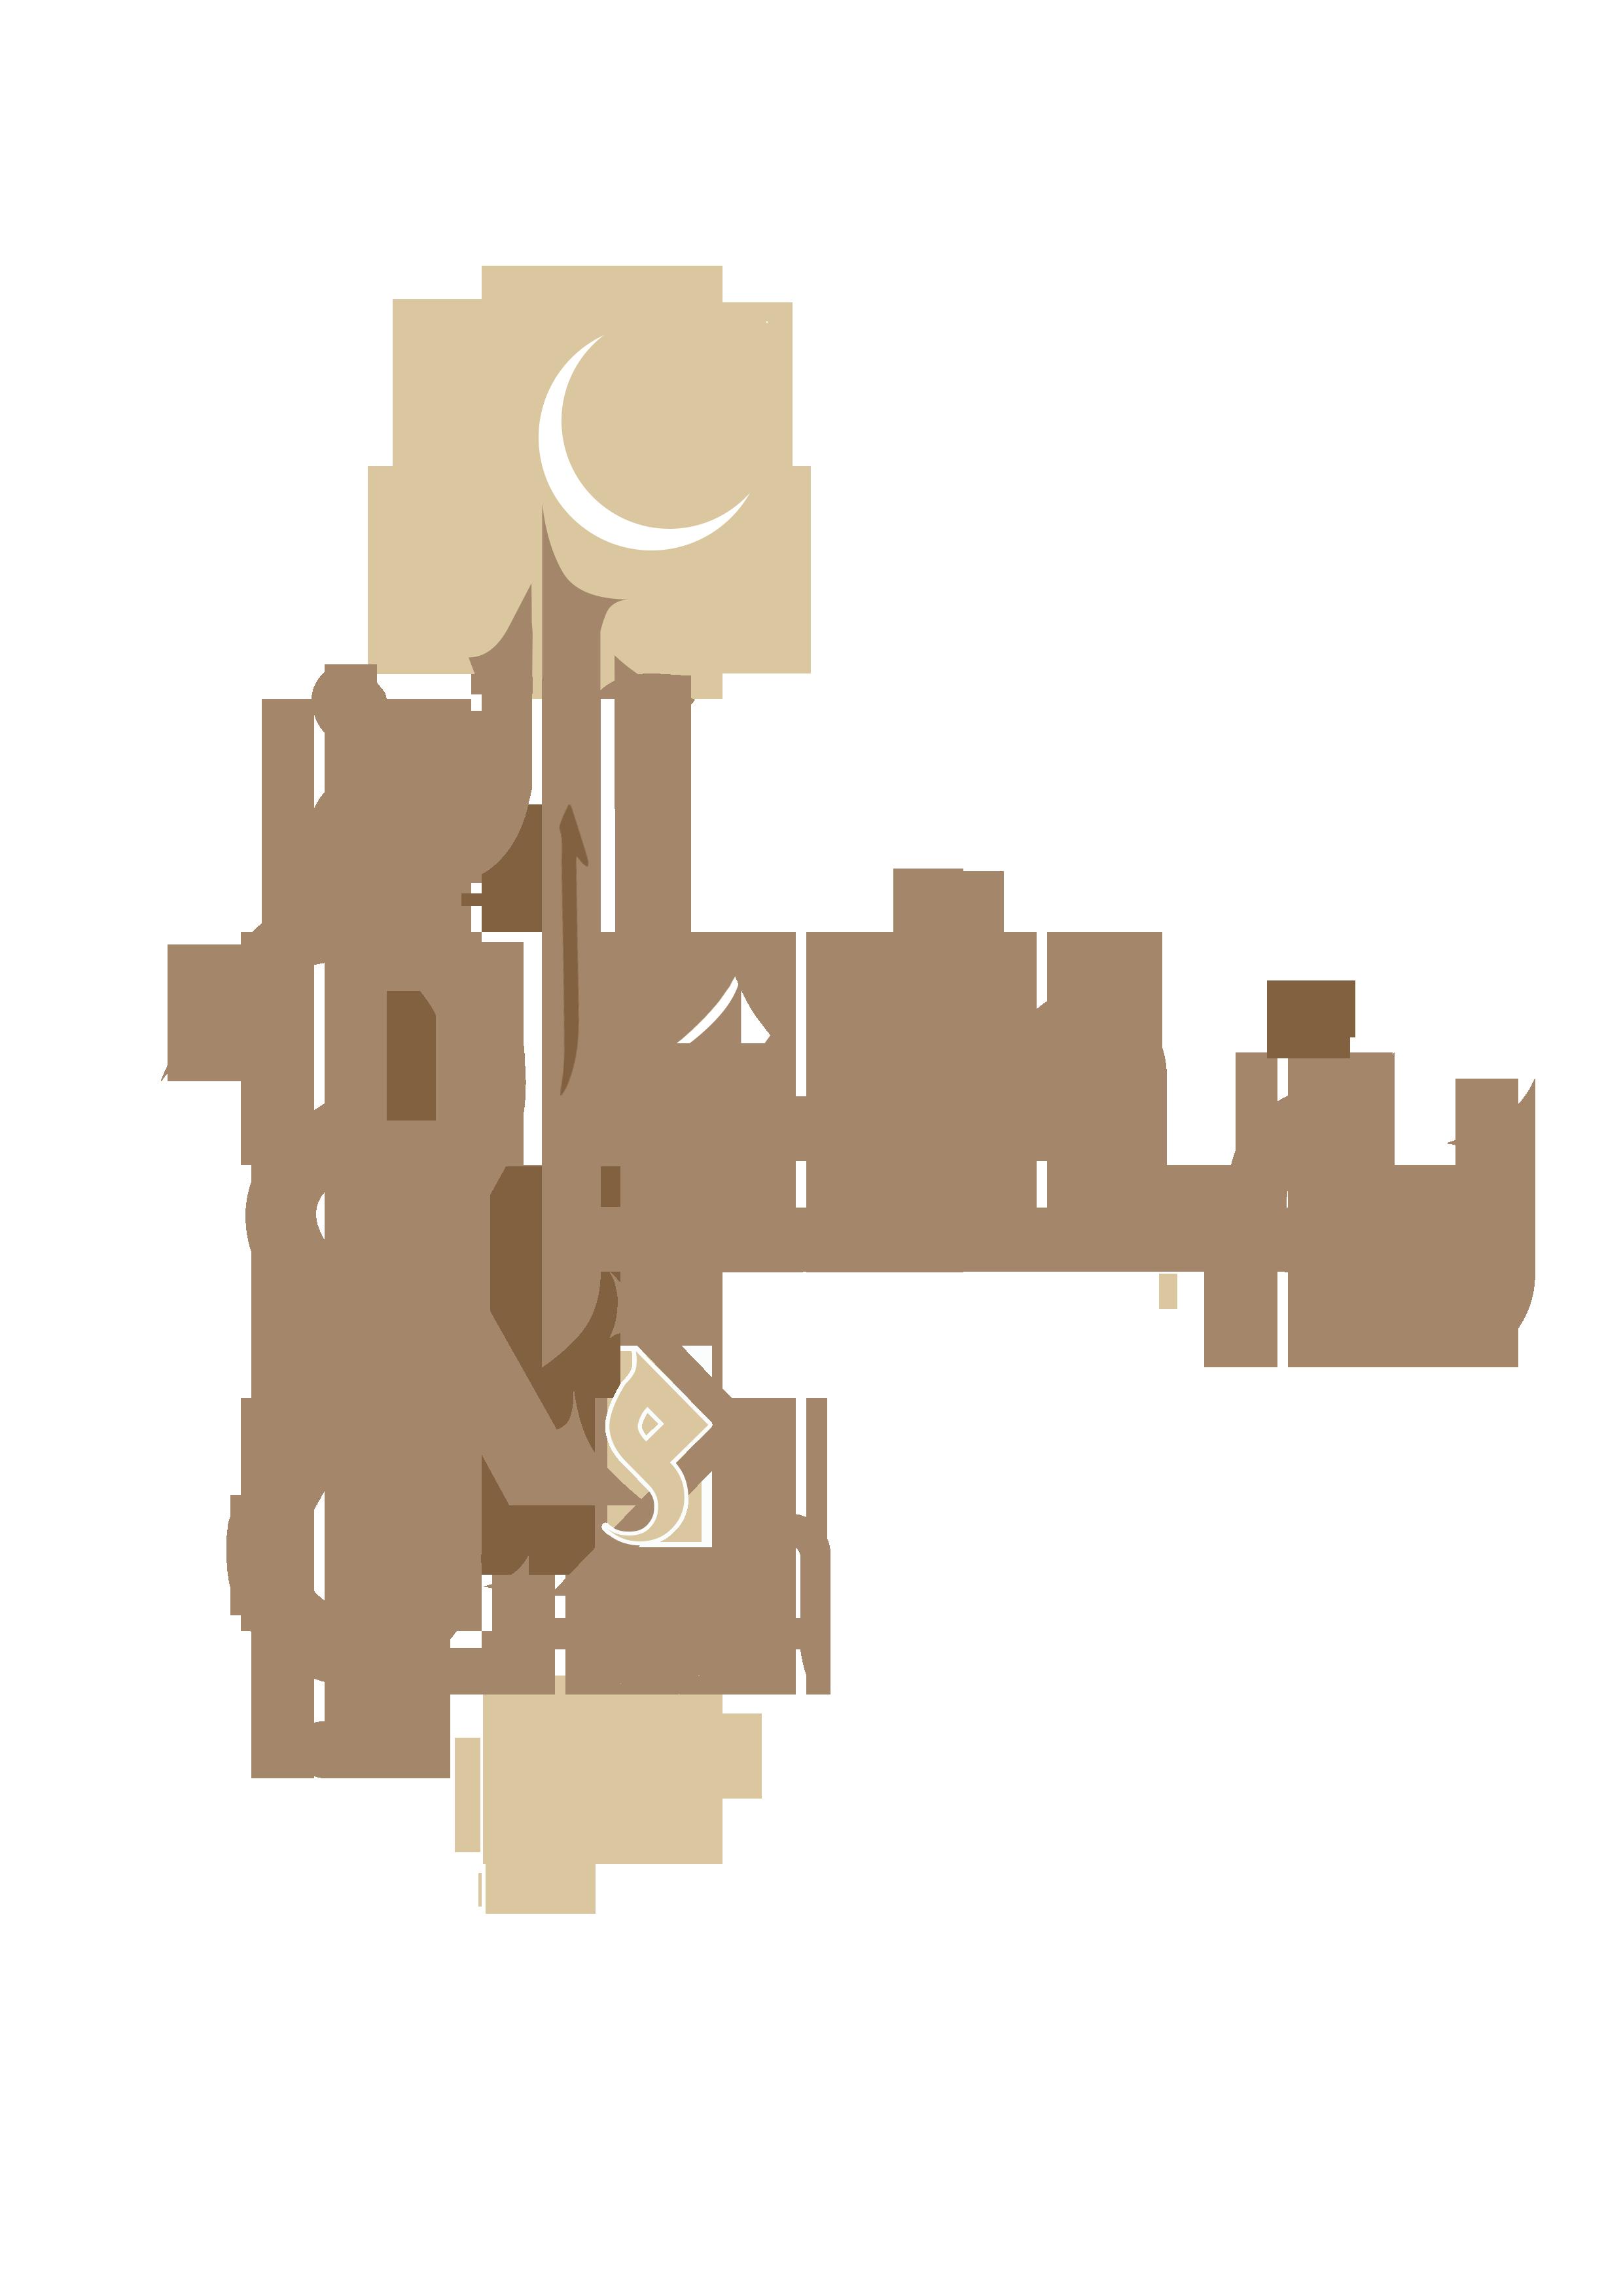 Pin By ام العنود On رمضان والعيد Ramadan Crafts Ramadan Cards Ramadan Greetings